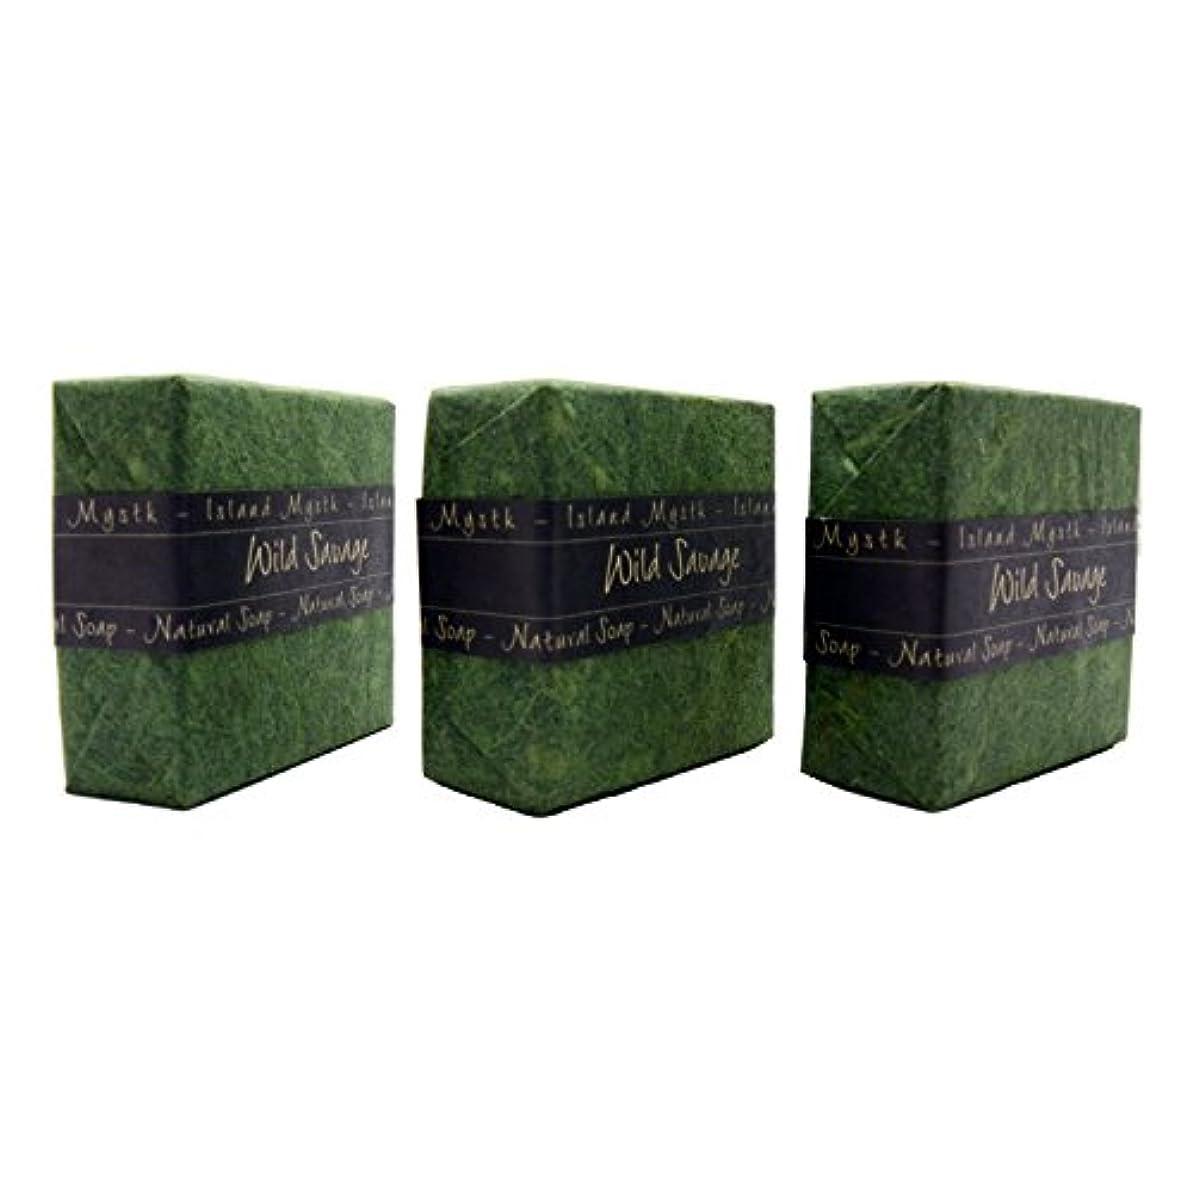 アイランドミスティック ワイルドサーヴェージ 3個セット 115g×3 ココナッツ石鹸 バリ島 Island Mystk 天然素材100% 無添加 オーガニック